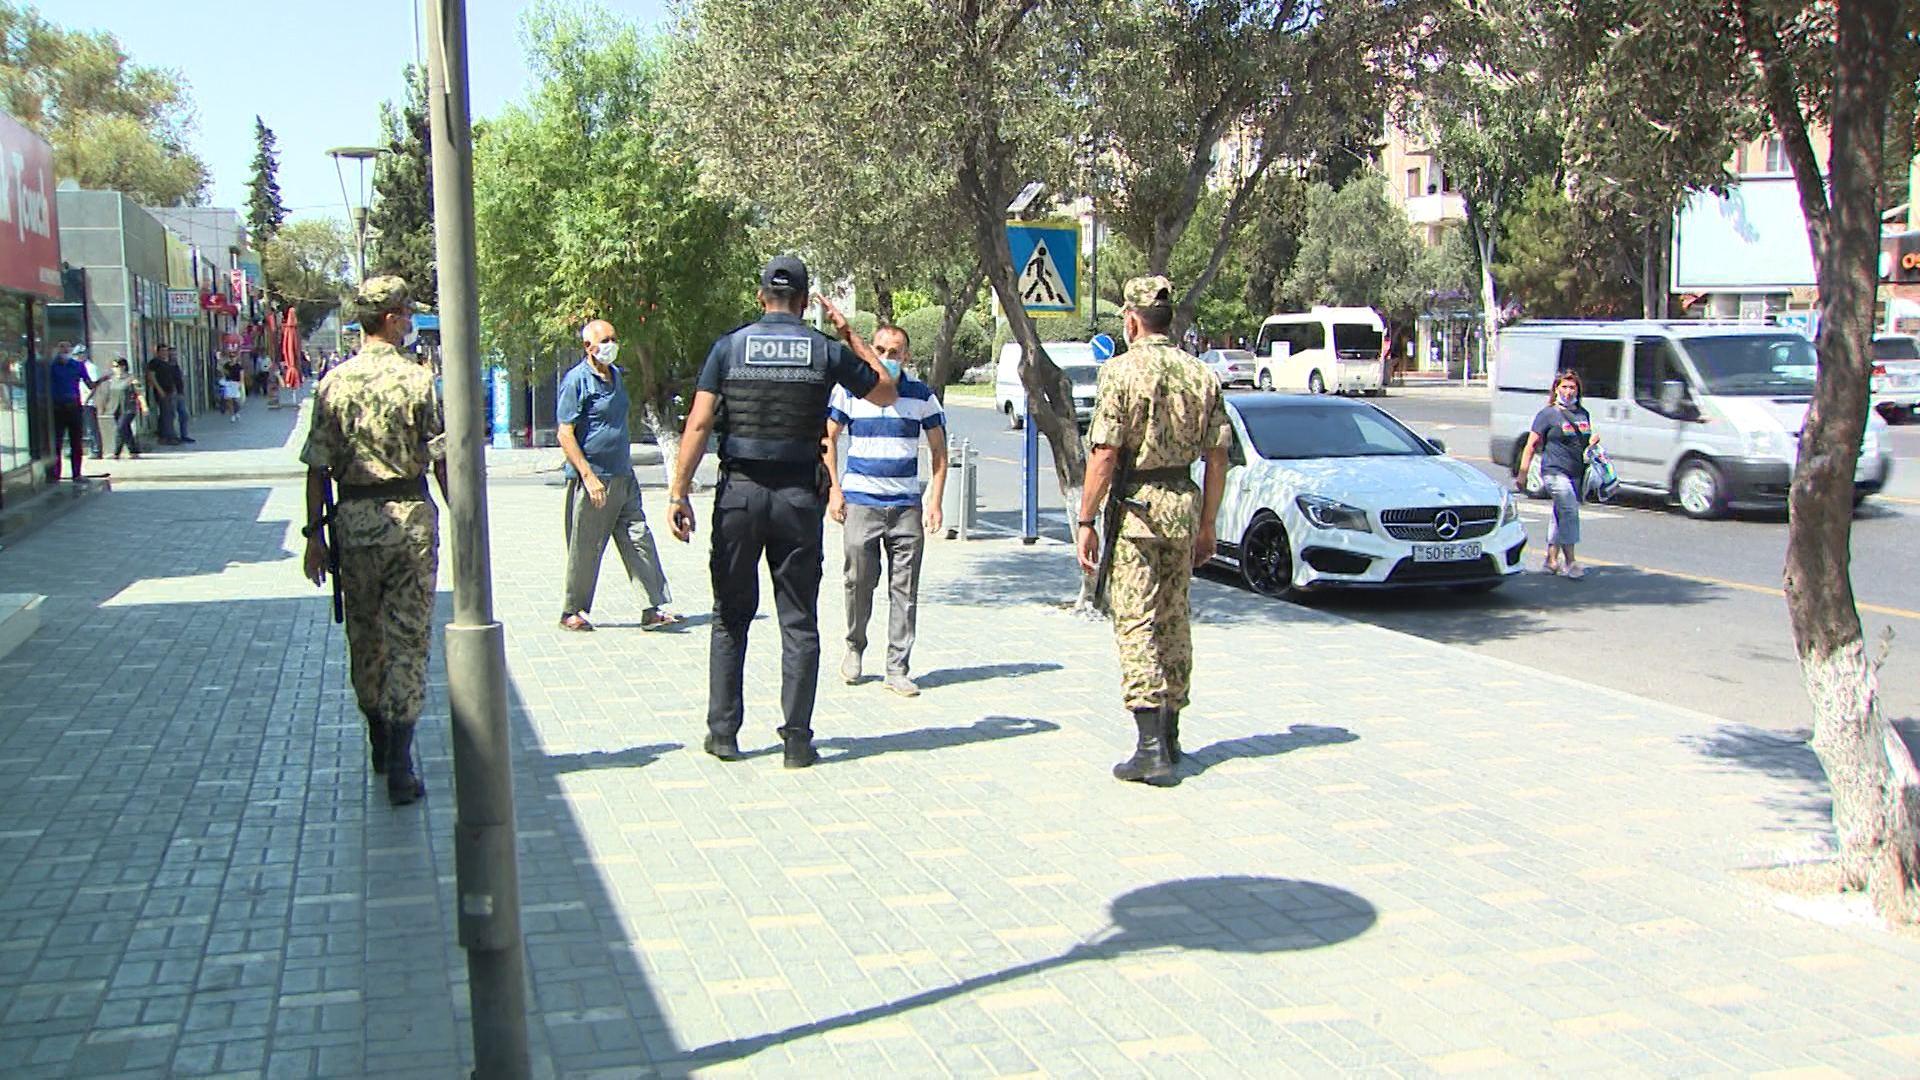 Sumqayıtda reyd: Karantin qaydalarını pozanlar cərimələndi (FOTO/VİDEO)